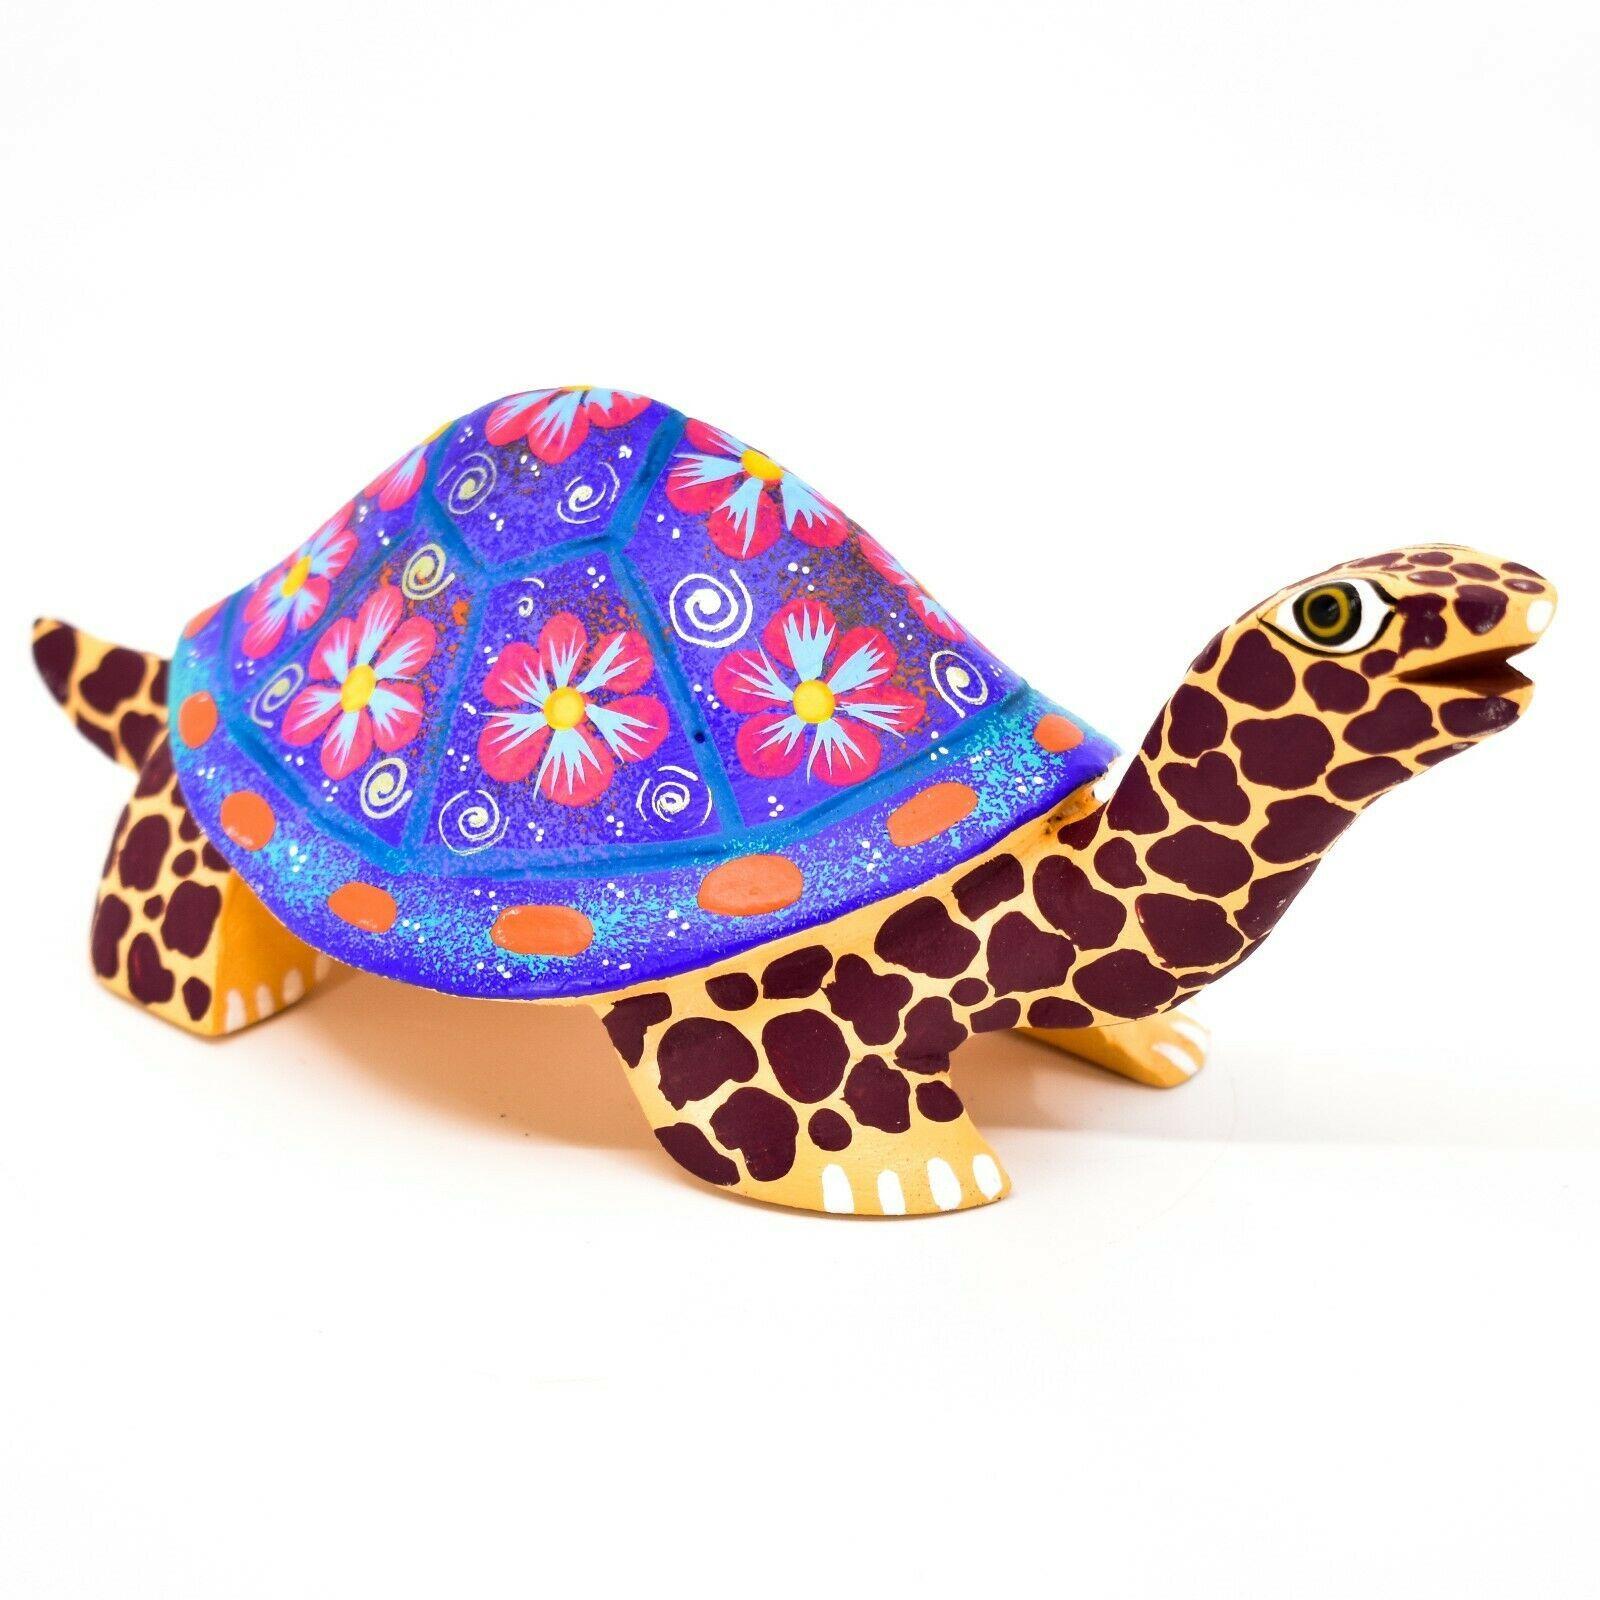 Handmade Alebrijes Oaxacan Wood Carving Painted Folk Art Turtle Tortoise Figure